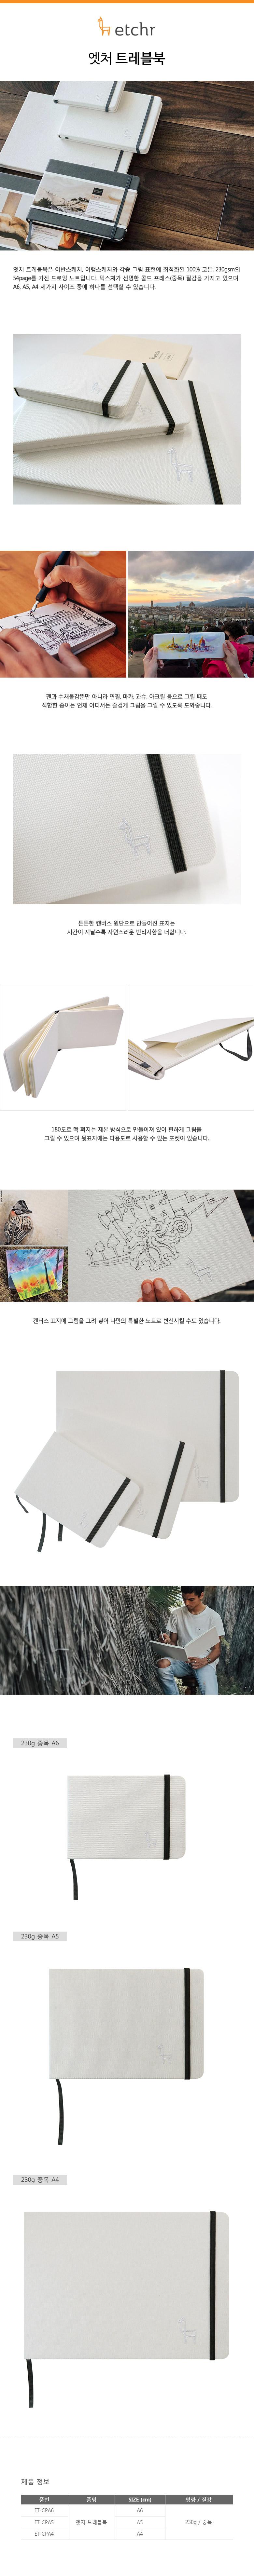 엣쳐 etchr 트레블북 A5 - 캘리하우스, 43,000원, 화방지류, 스케치북